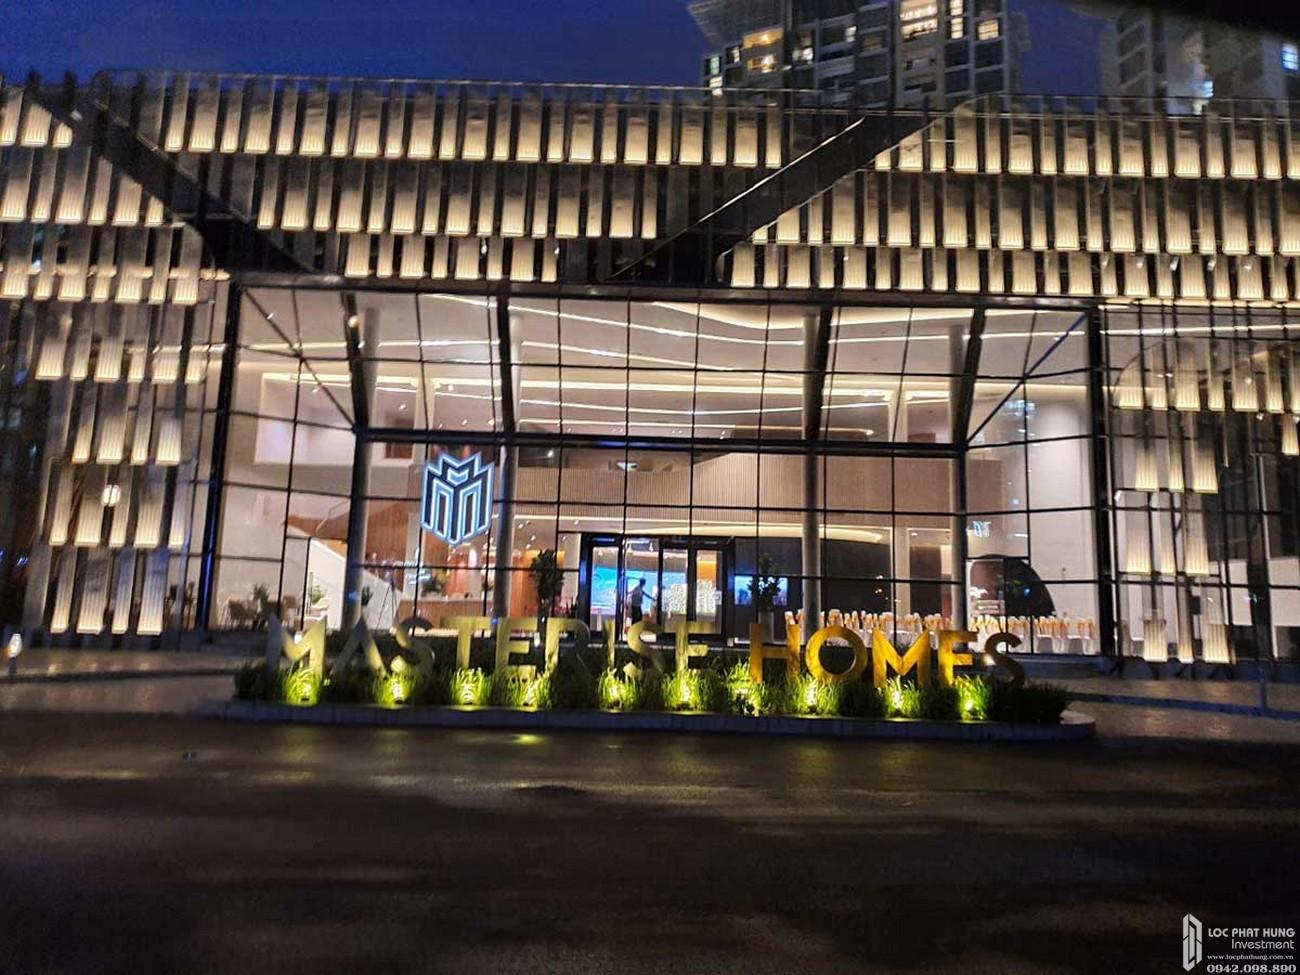 Khu nhà mẫu dự án căn hộ Masterise Centre Point Quận 9 Đường Nguyễn Xiển chủ đầu tư Vingroup